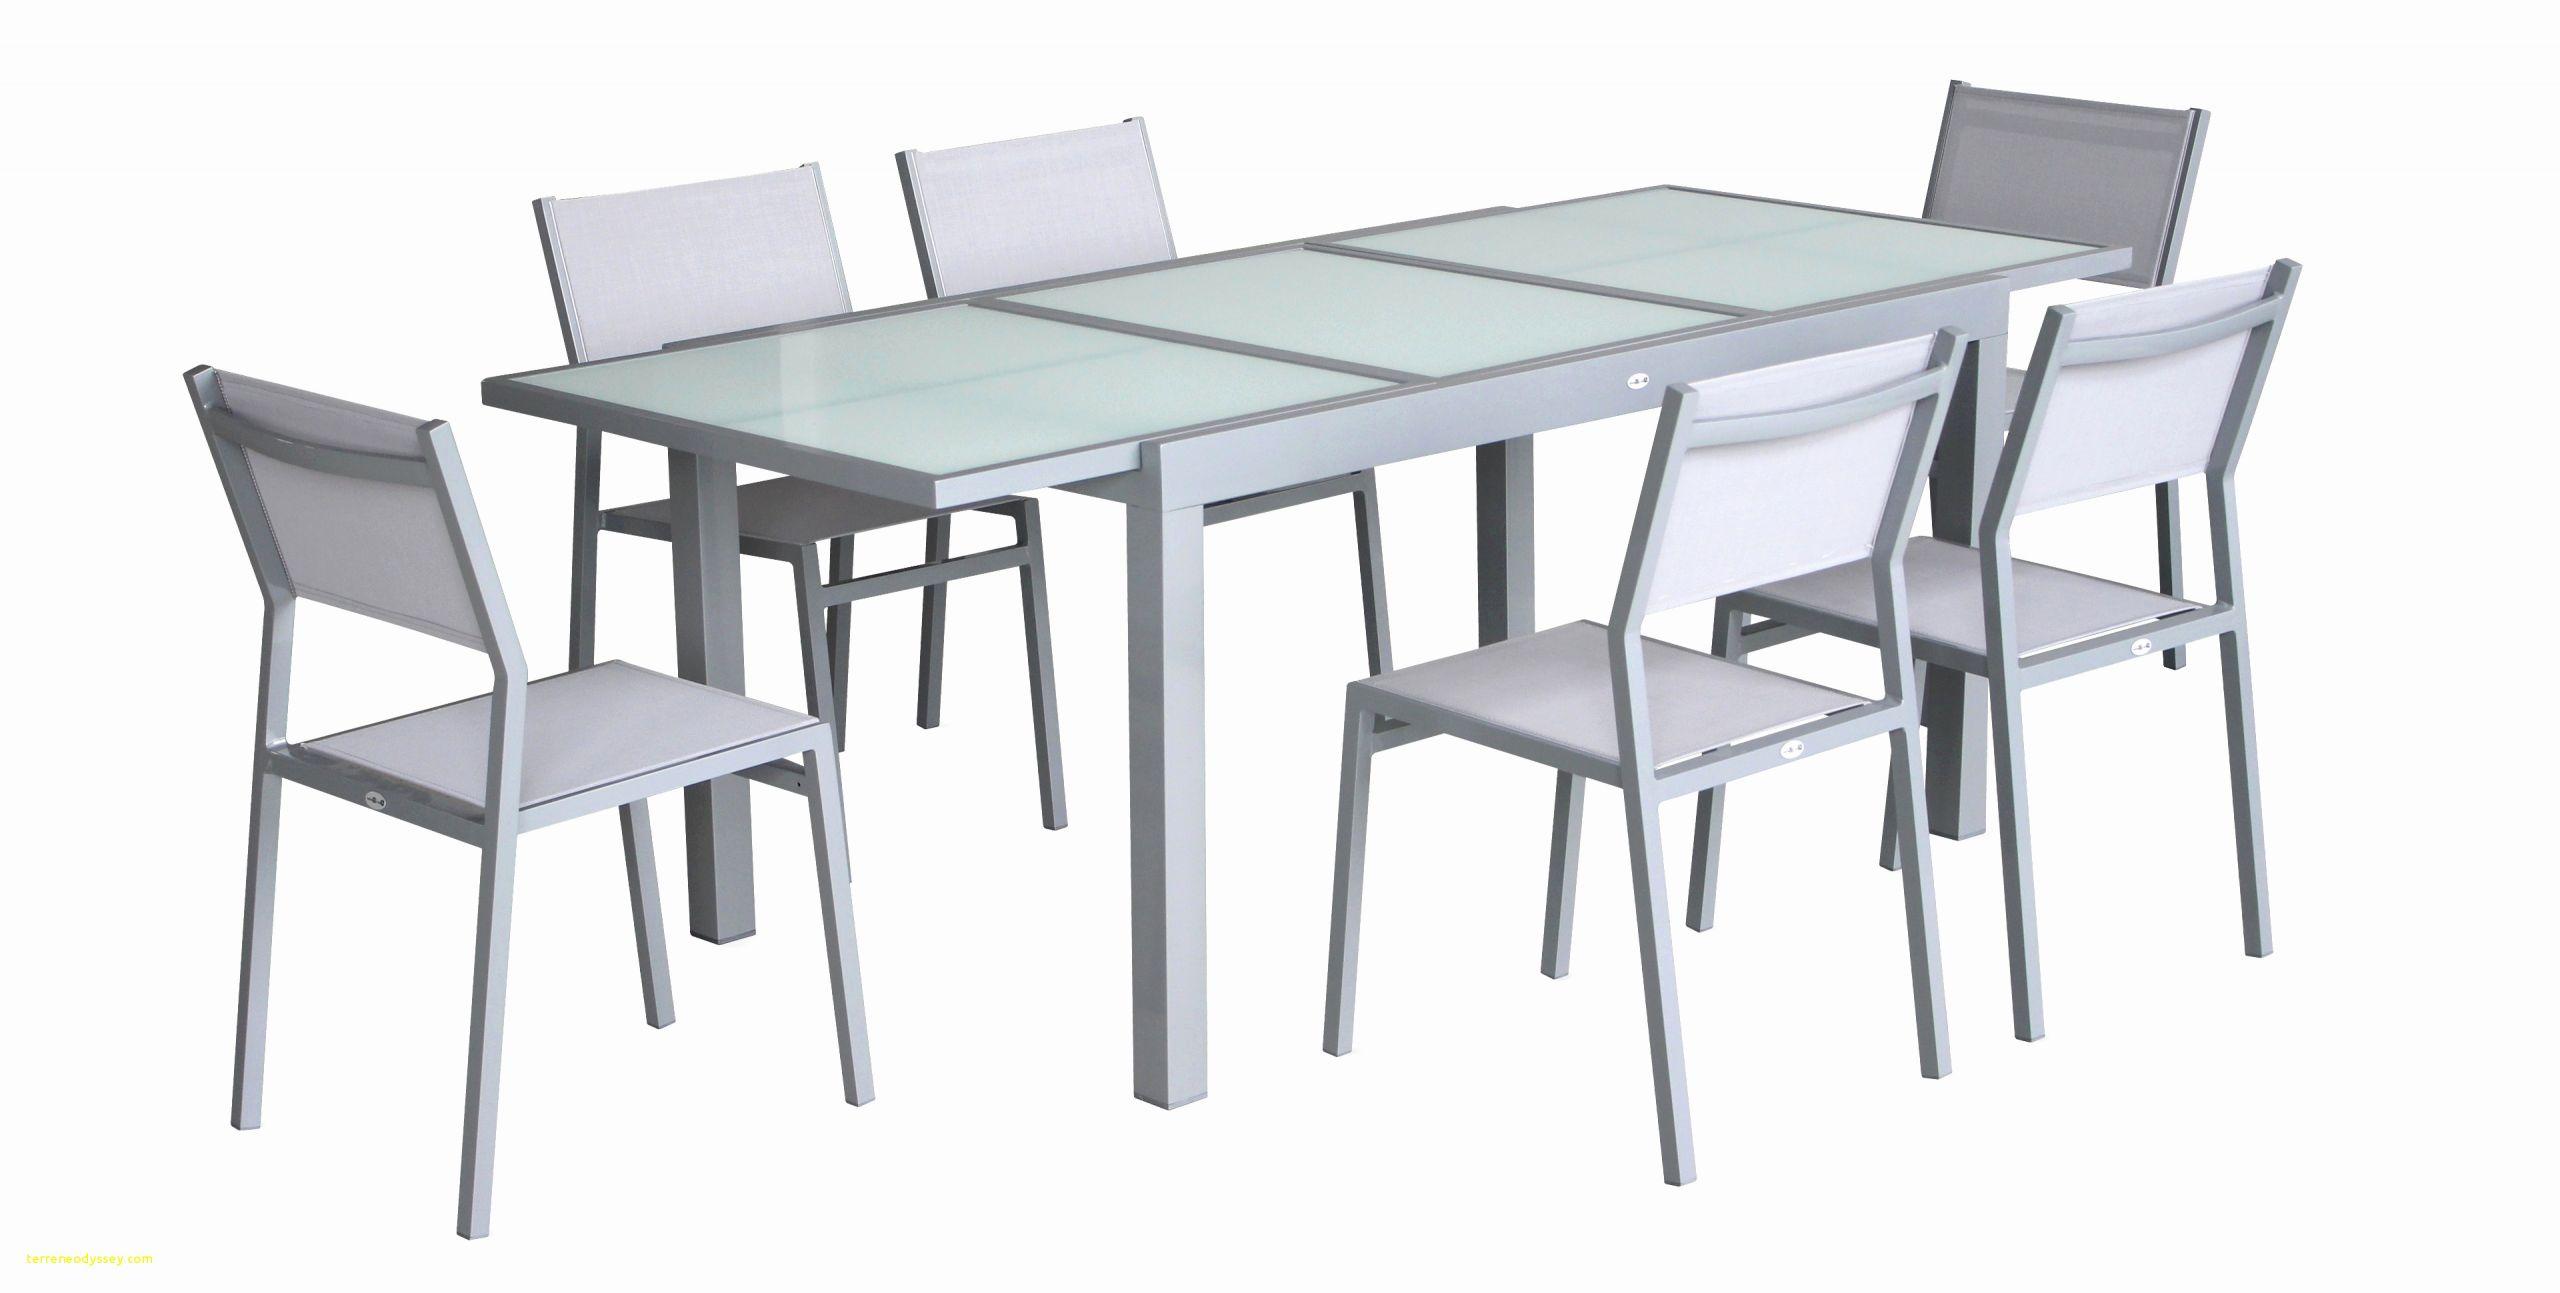 table jardin alinea inspire table jardin chaises de chaise elegant table jardin meilleur de of table jardin alinea